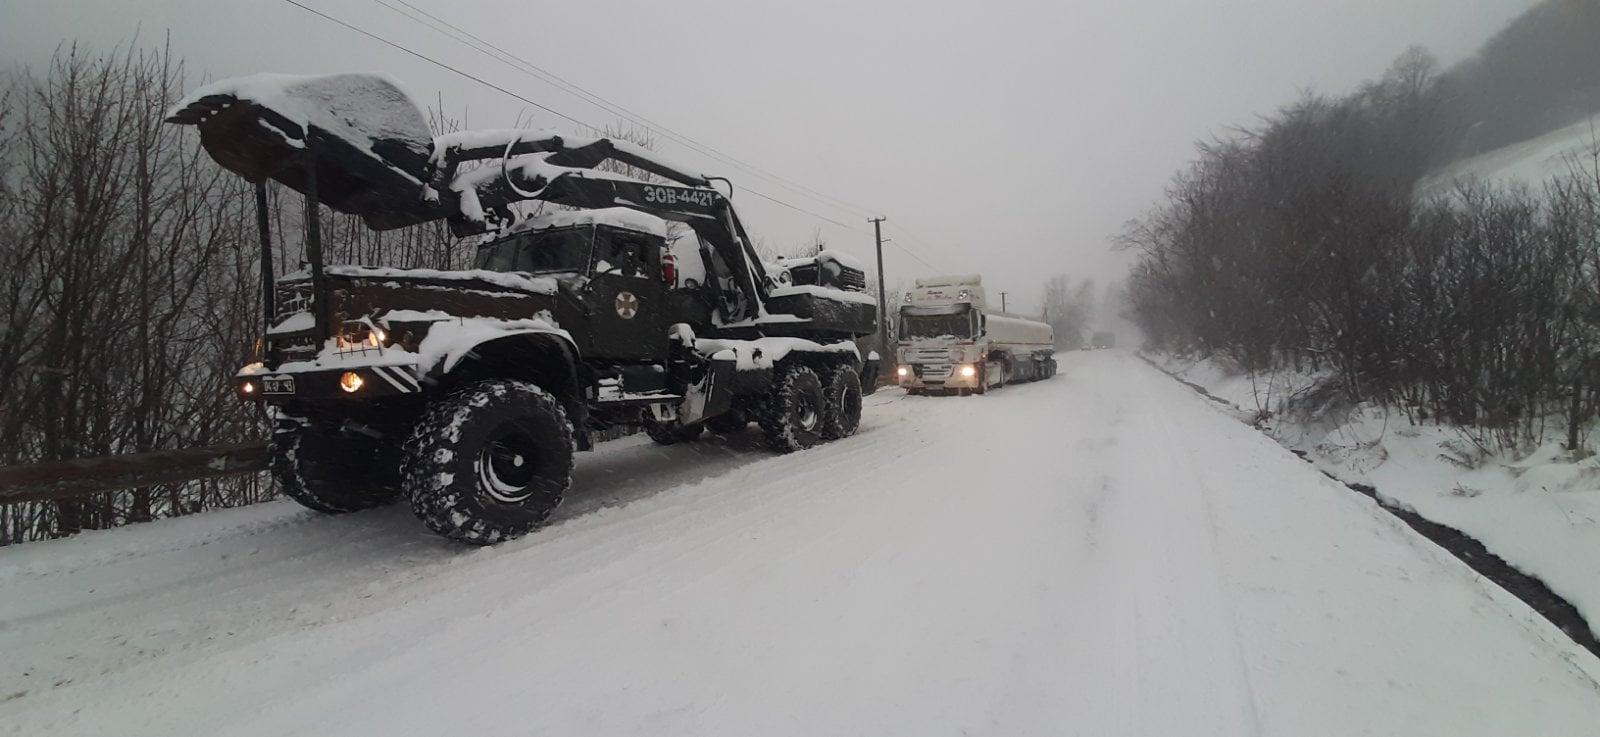 Вчорашнє погіршення погодних умов додало роботи закарпатським рятувальникам.